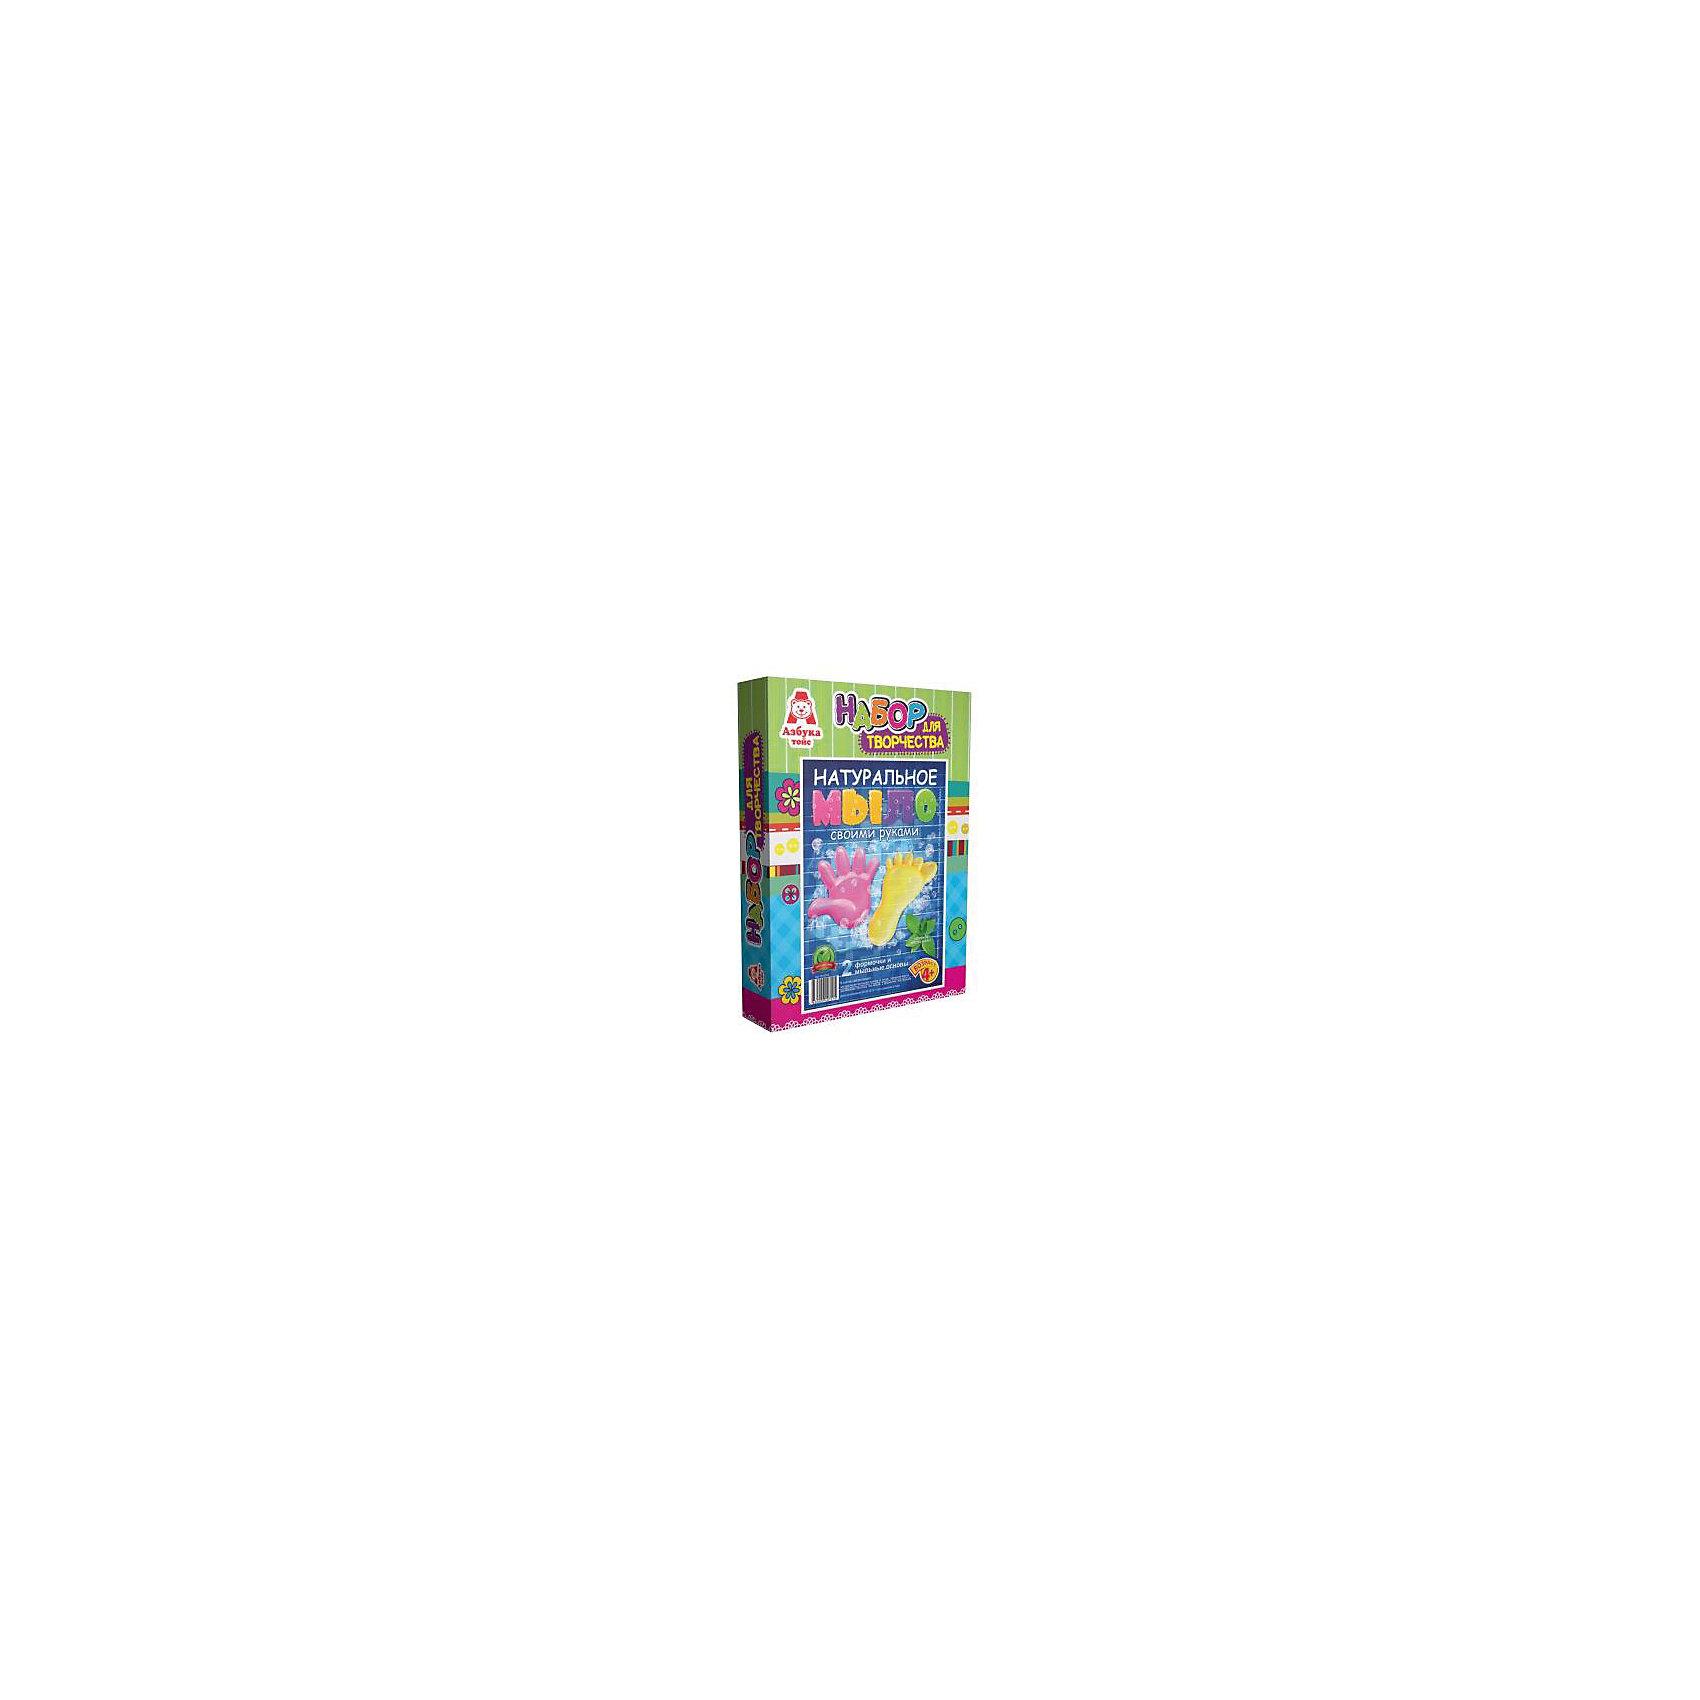 Мыло Рука и НогаСоздание мыла<br>Характеристики товара:<br><br>• упаковка: коробка<br>• количество цветов: 5<br>• возраст: 4+<br>• масса: 294 г<br>• габариты: 50х240х280 мм<br>• комплектация: натуральная мыльная основа (5 видов), эфирное масло (5 видов), деревянная палочка, емкость для растапливания, формочки - 5 шт., инструкция<br>• страна бренда: РФ<br>• страна изготовитель: РФ<br><br>Мыловарение – интересный и необычный способ занять малыша. Ошибочно полагать, что создавать мыло – творчество только для девочек. В новом наборе формочки позволяют варить мыло в форме различных предметов. На выходе у ребенка получится настоящее мыло, готовое к использованию. Благодаря эфирным маслам оно будет приятно пахнуть. В наборе есть все необходимое для создания продукта.<br>Набор станет отличным подарком ребенку, так как он сможет сам сделать полезную вещь для себя или в качестве подарка близким! Материалы, использованные при изготовлении товара, сертифицированы и отвечают всем международным требованиям по качеству. <br><br>Набор Мыло Рука и Нога от бренда Азбука Тойс можно приобрести в нашем интернет-магазине.<br><br>Ширина мм: 240<br>Глубина мм: 50<br>Высота мм: 280<br>Вес г: 294<br>Возраст от месяцев: 48<br>Возраст до месяцев: 96<br>Пол: Унисекс<br>Возраст: Детский<br>SKU: 5062848